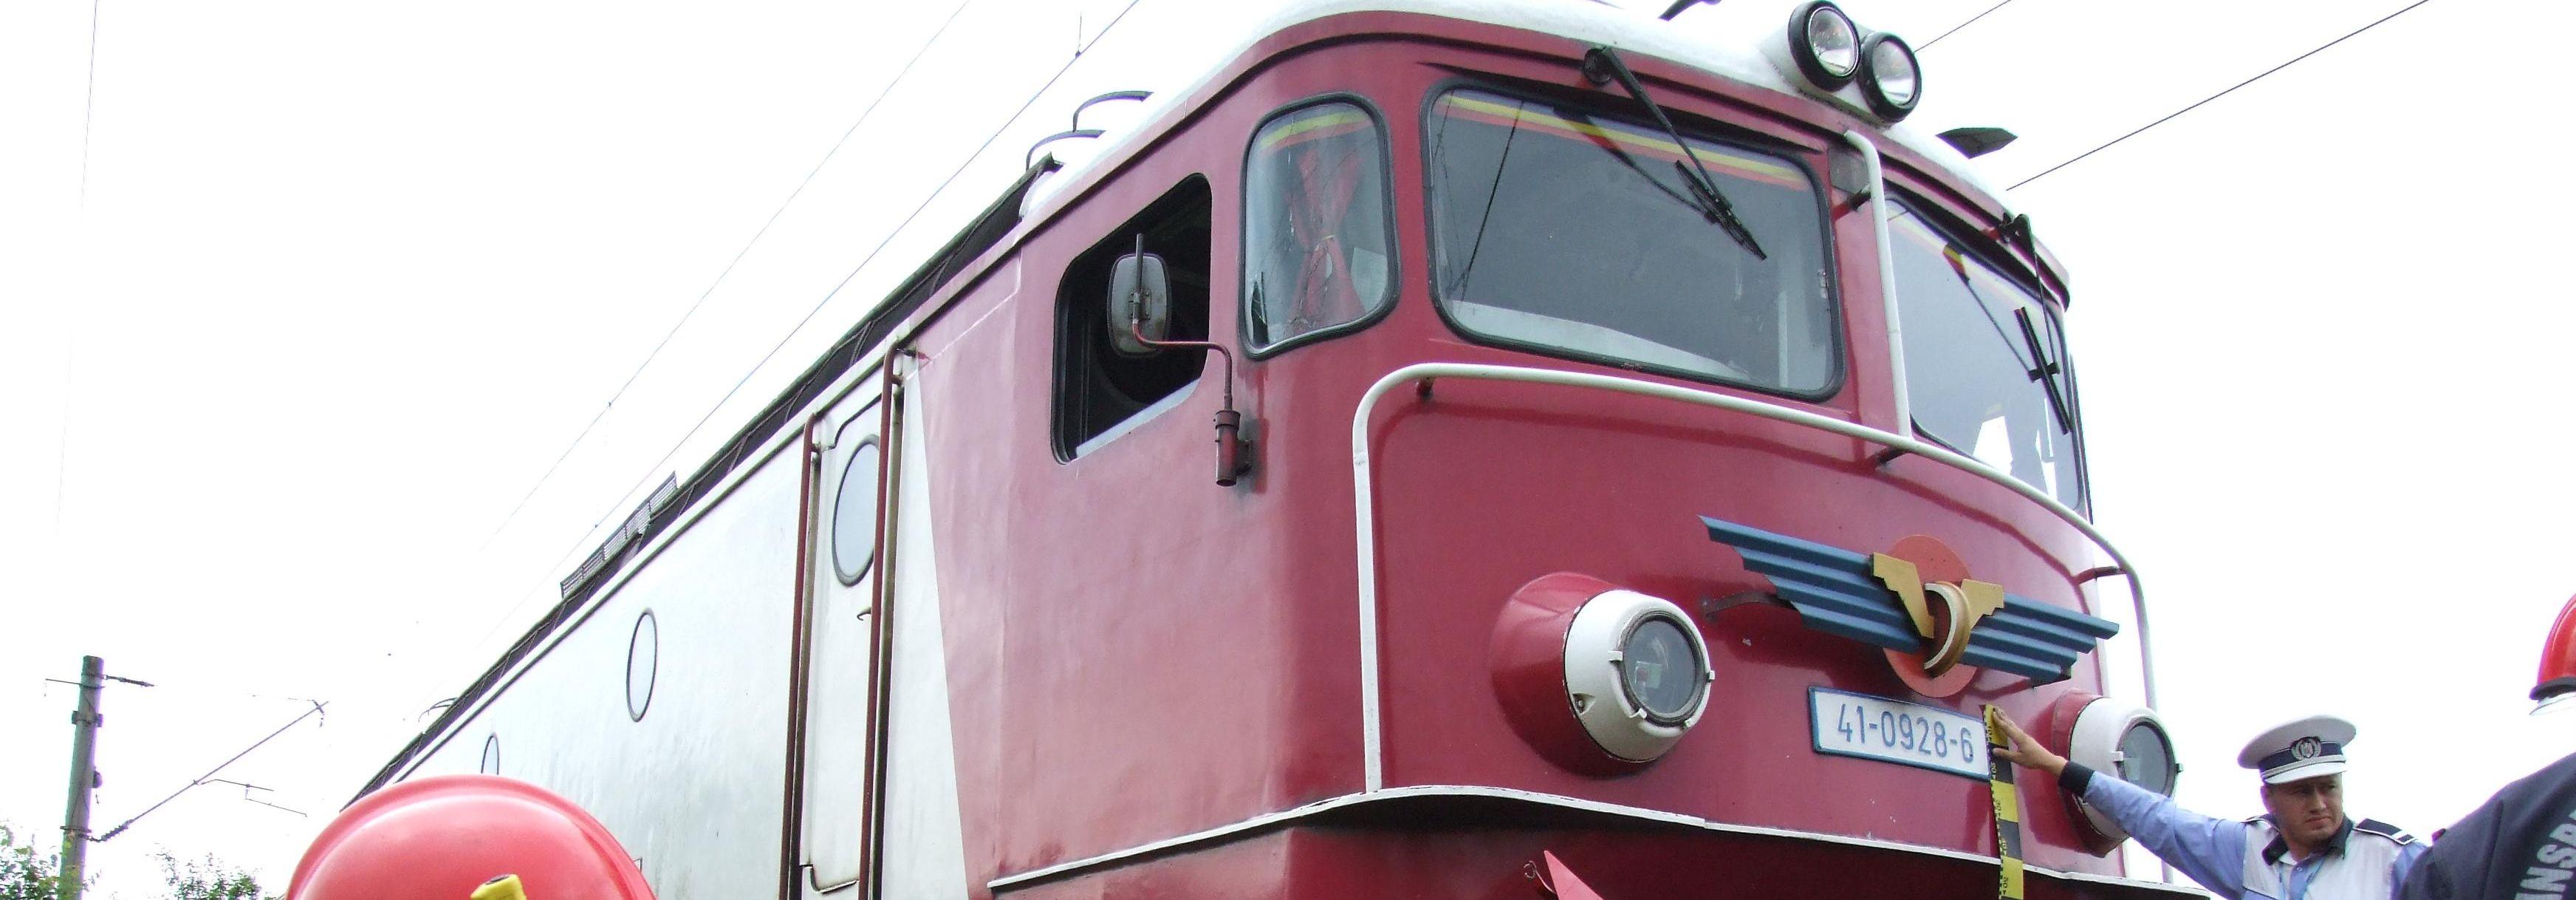 Trenurile au intarzieri de pana la 30 de minute, din cauza temperaturilor ridicate de marti. Anuntul facut de CFR